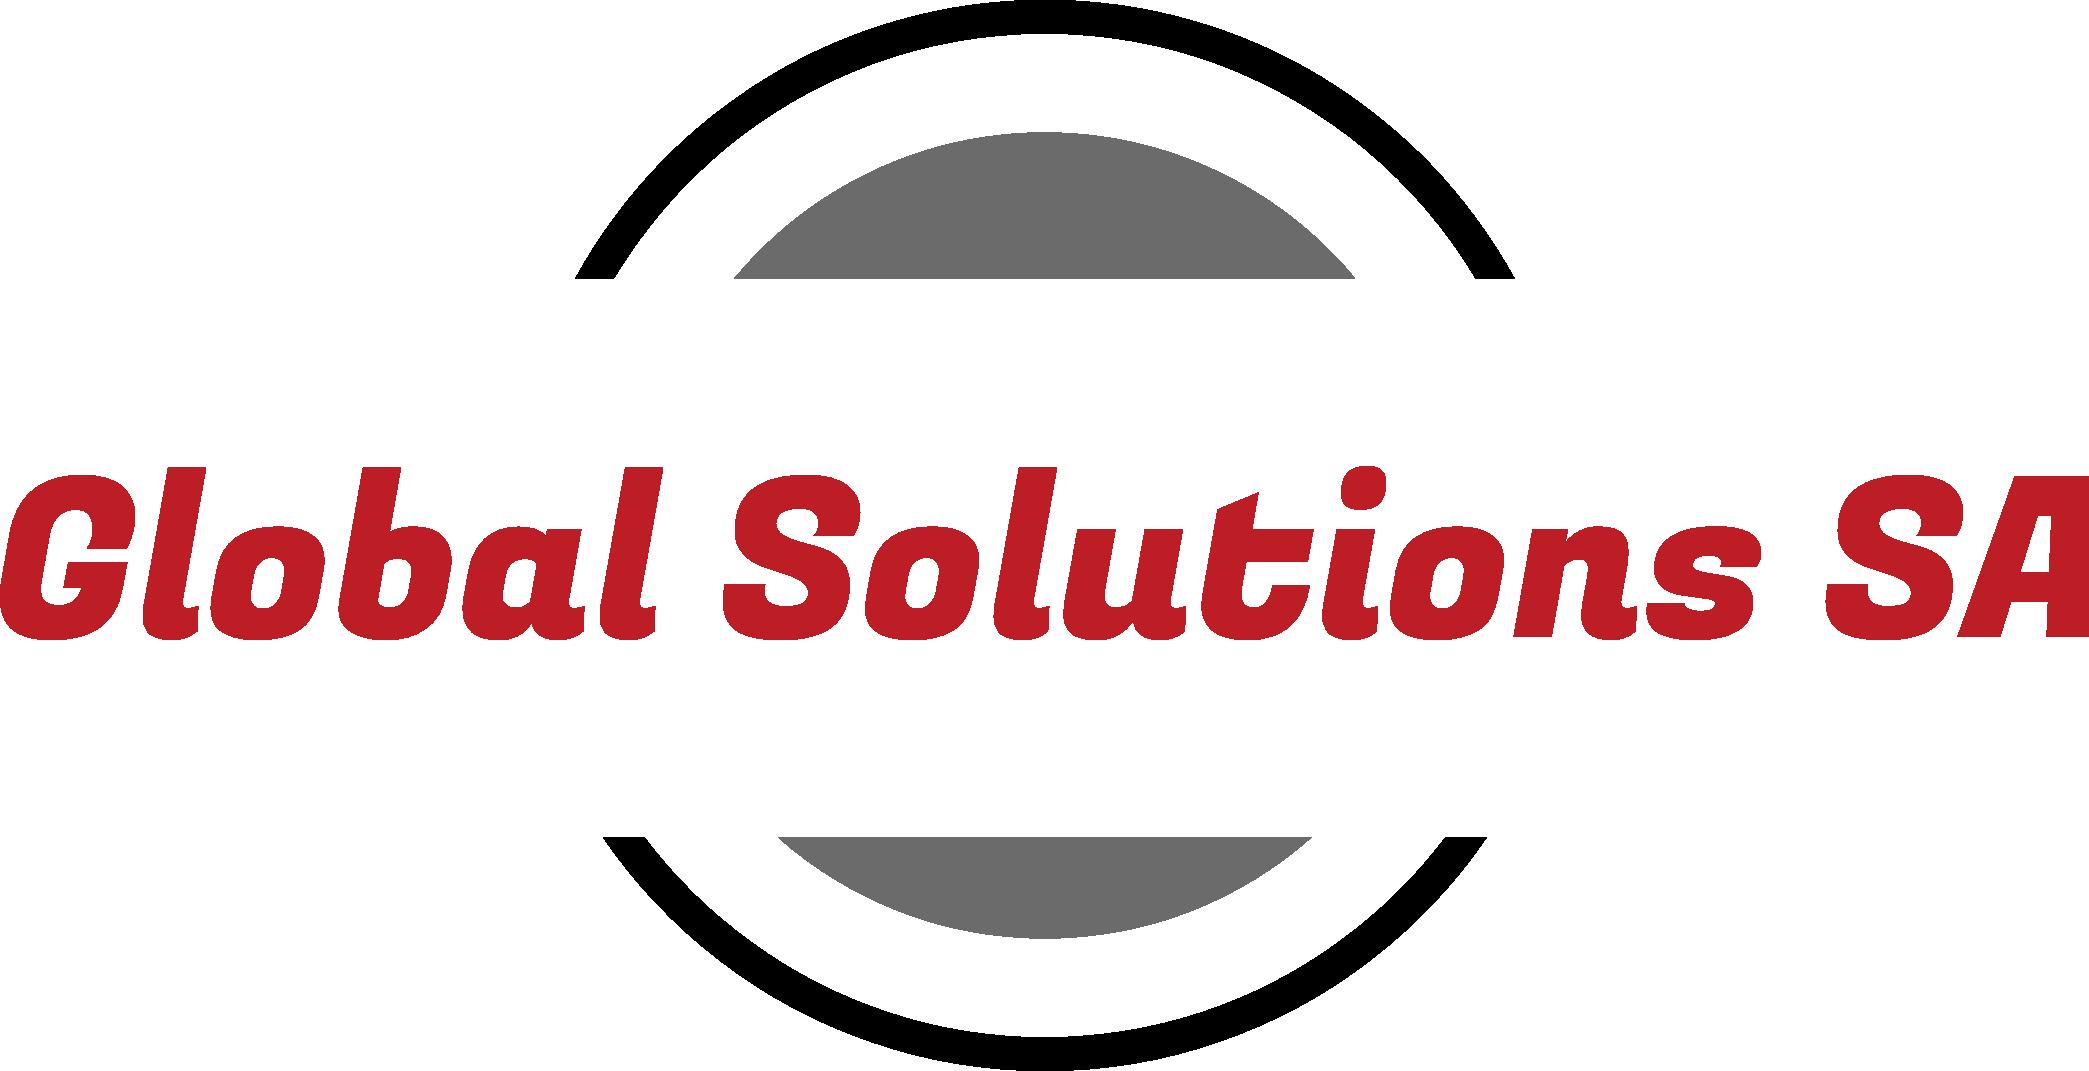 Global Solutions SA